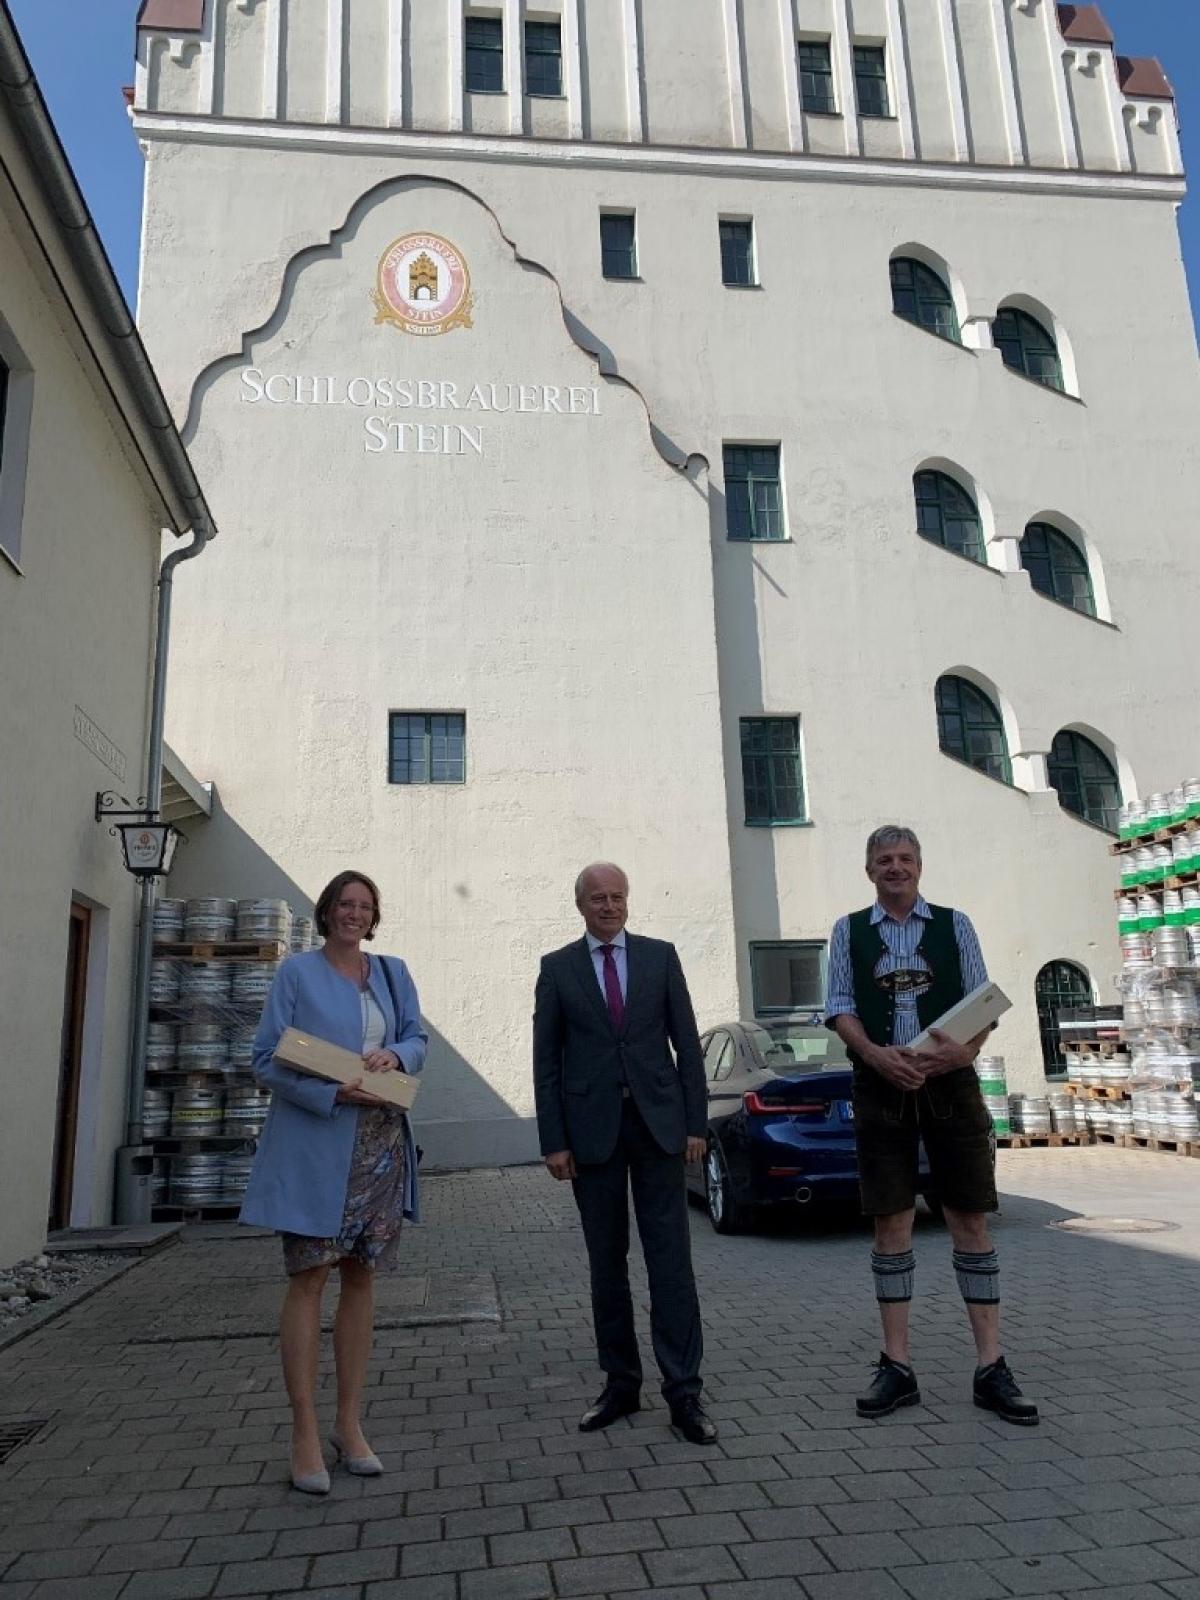 Bürgermeisterin Steffi Lang, Taching, und Bürgermeister Hias Baderhuber, Waging, tauschten sich mit Landesrat Seitinger zur Ökomodellregion aus.